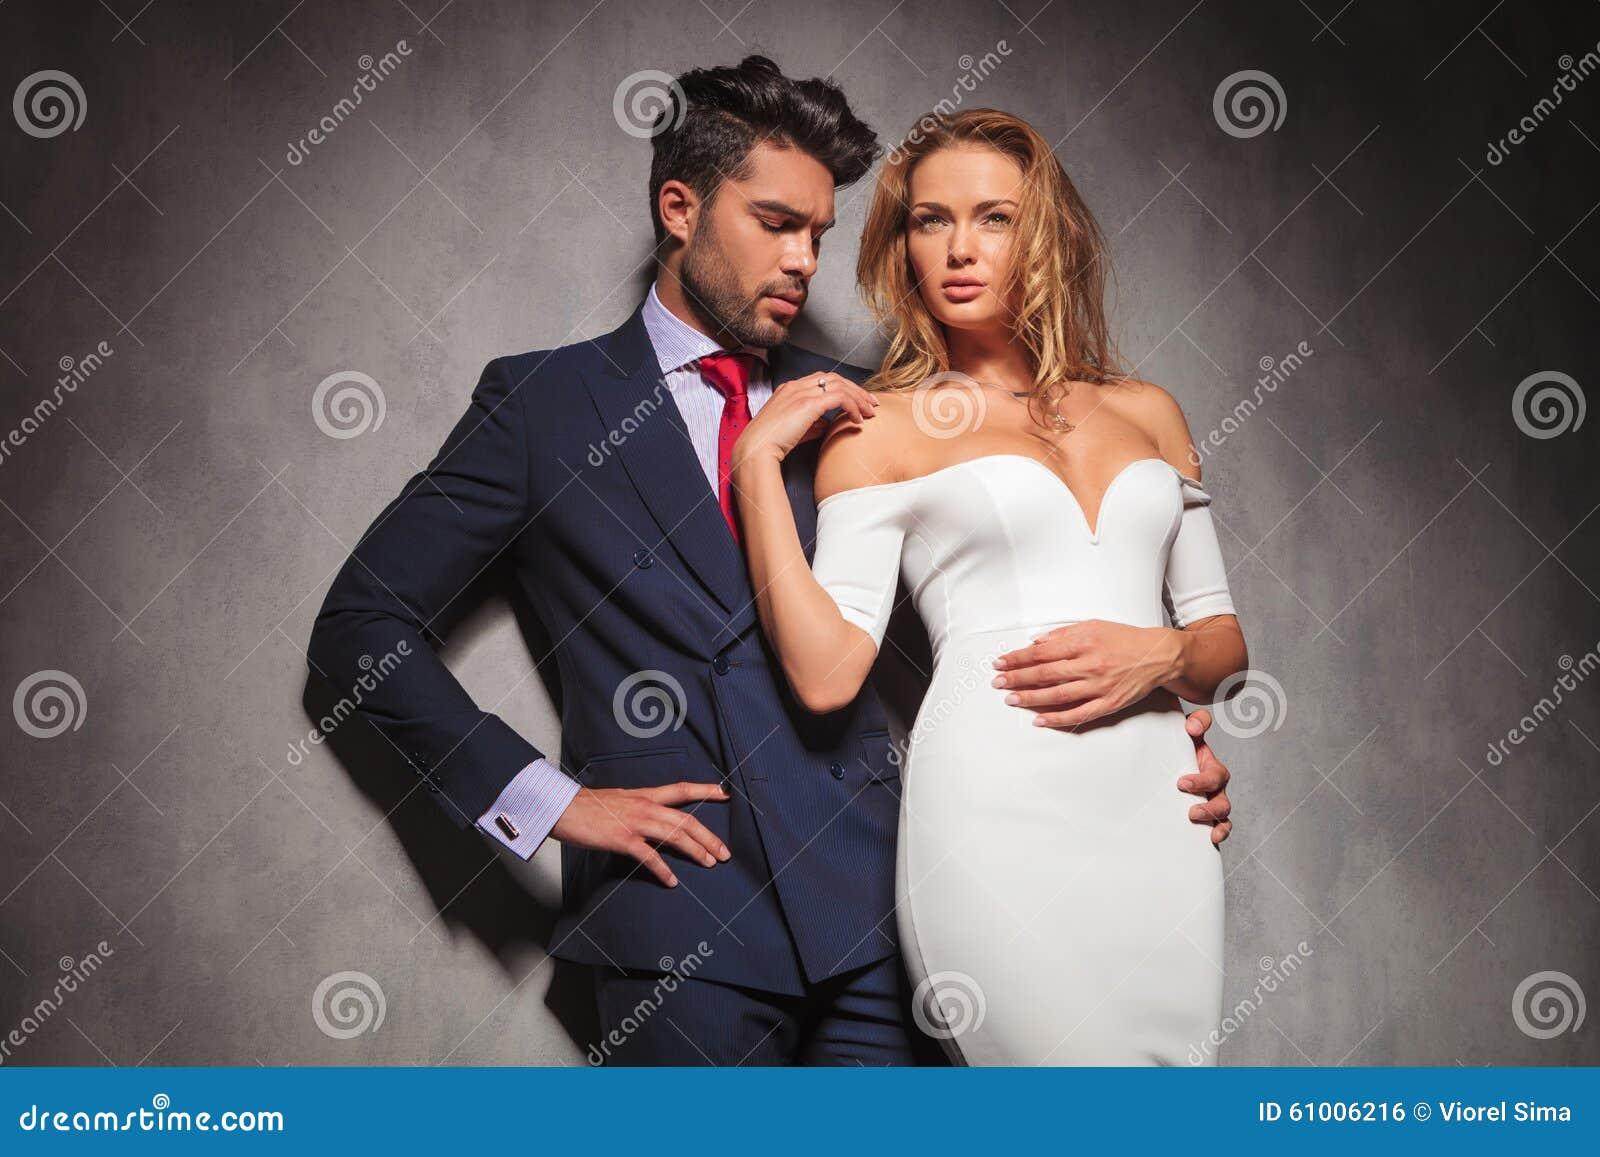 Equipaggi L Abbraccio La Suoi Donna E Sguardi Al Suo Anello Di Fidanzamento